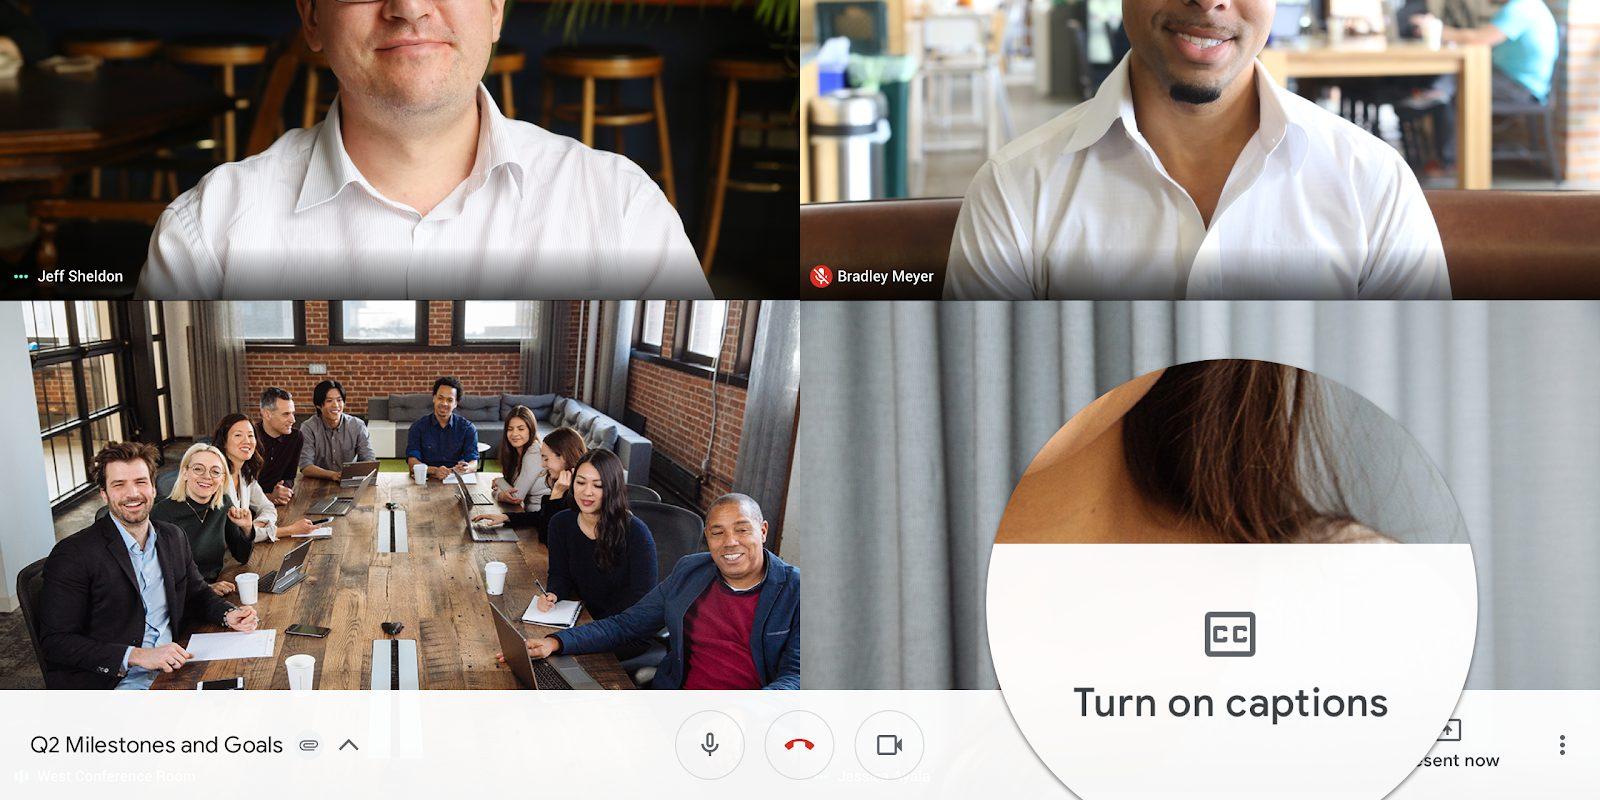 Hướng dẫn cách sử dụng chú thích trong cuộc họp video trên Google Meet